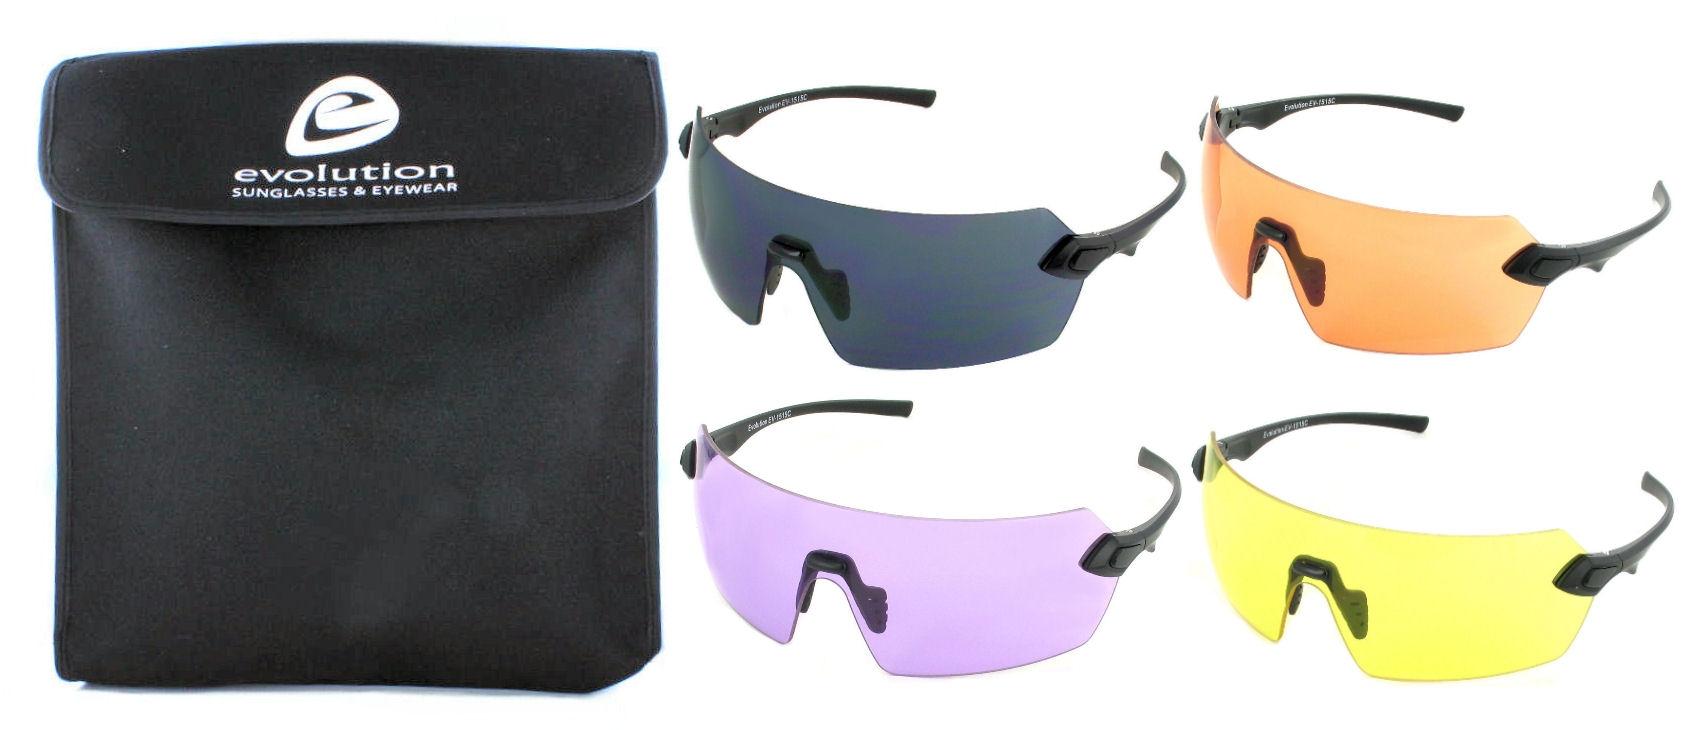 Evolution 4 colour glasses from Sunglasses for Sport